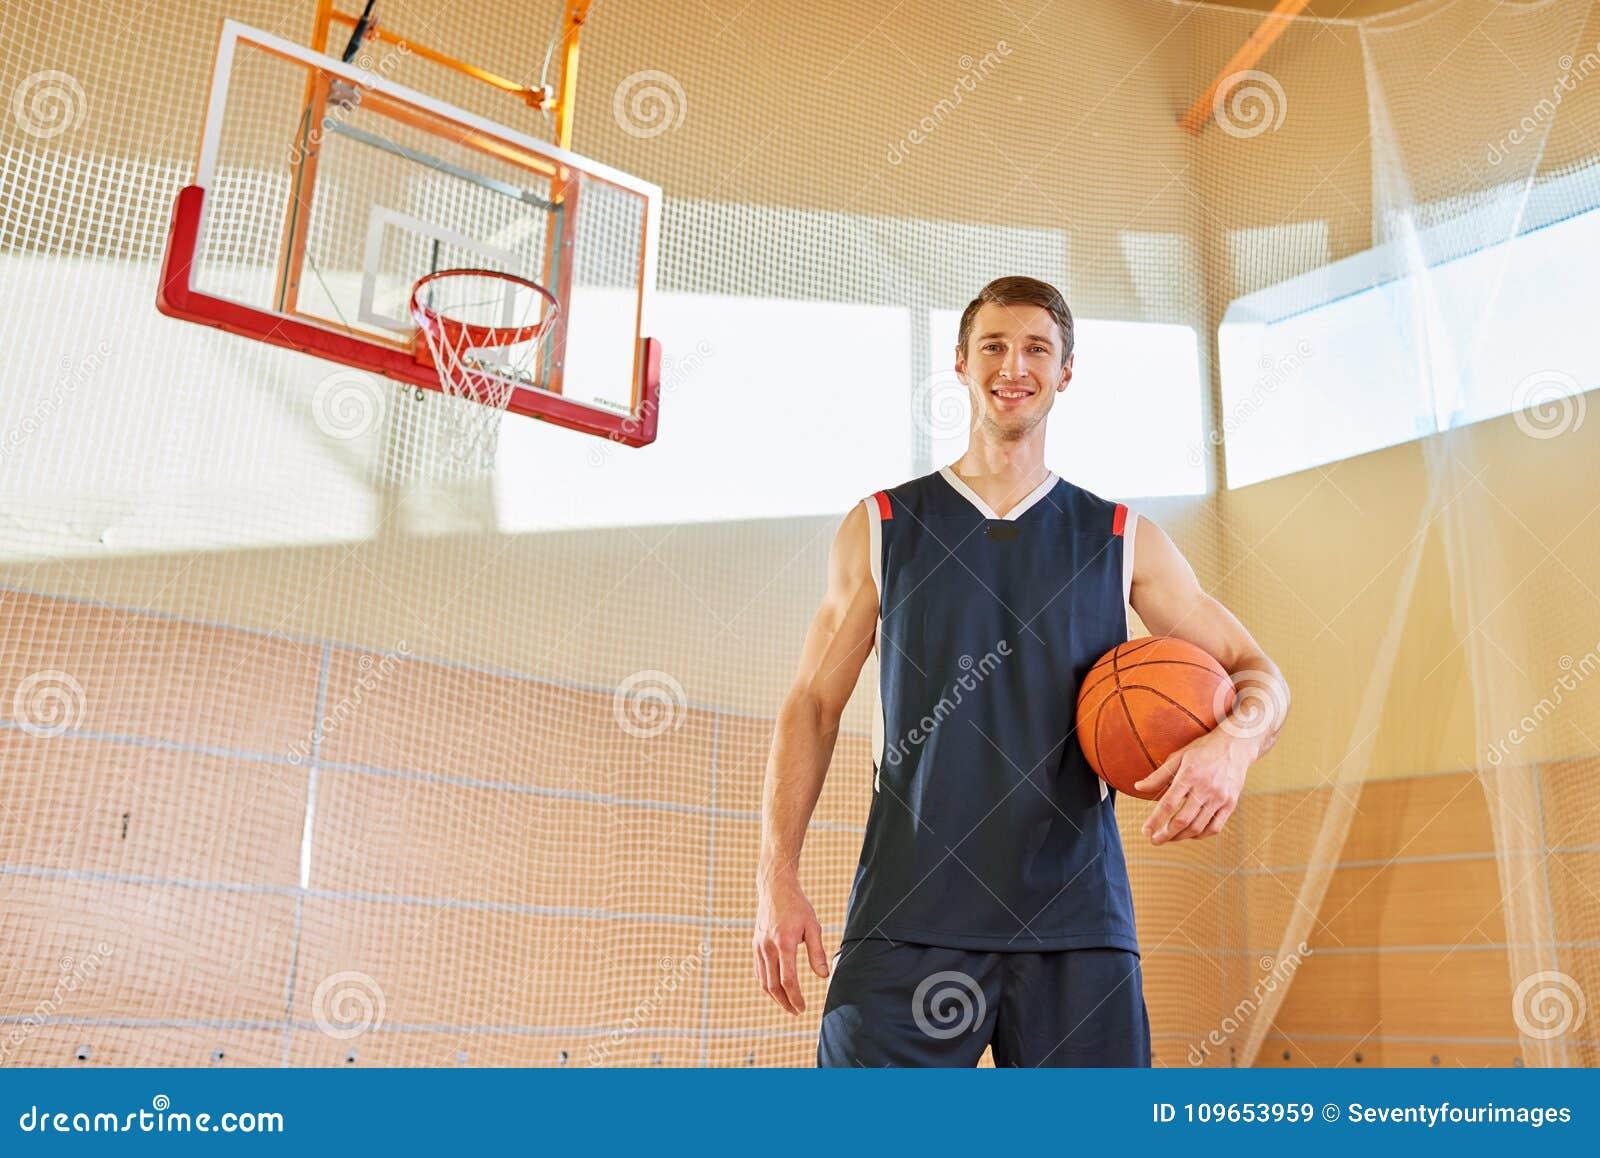 Portrait de joueur de basket grand beau heureux sur la cour